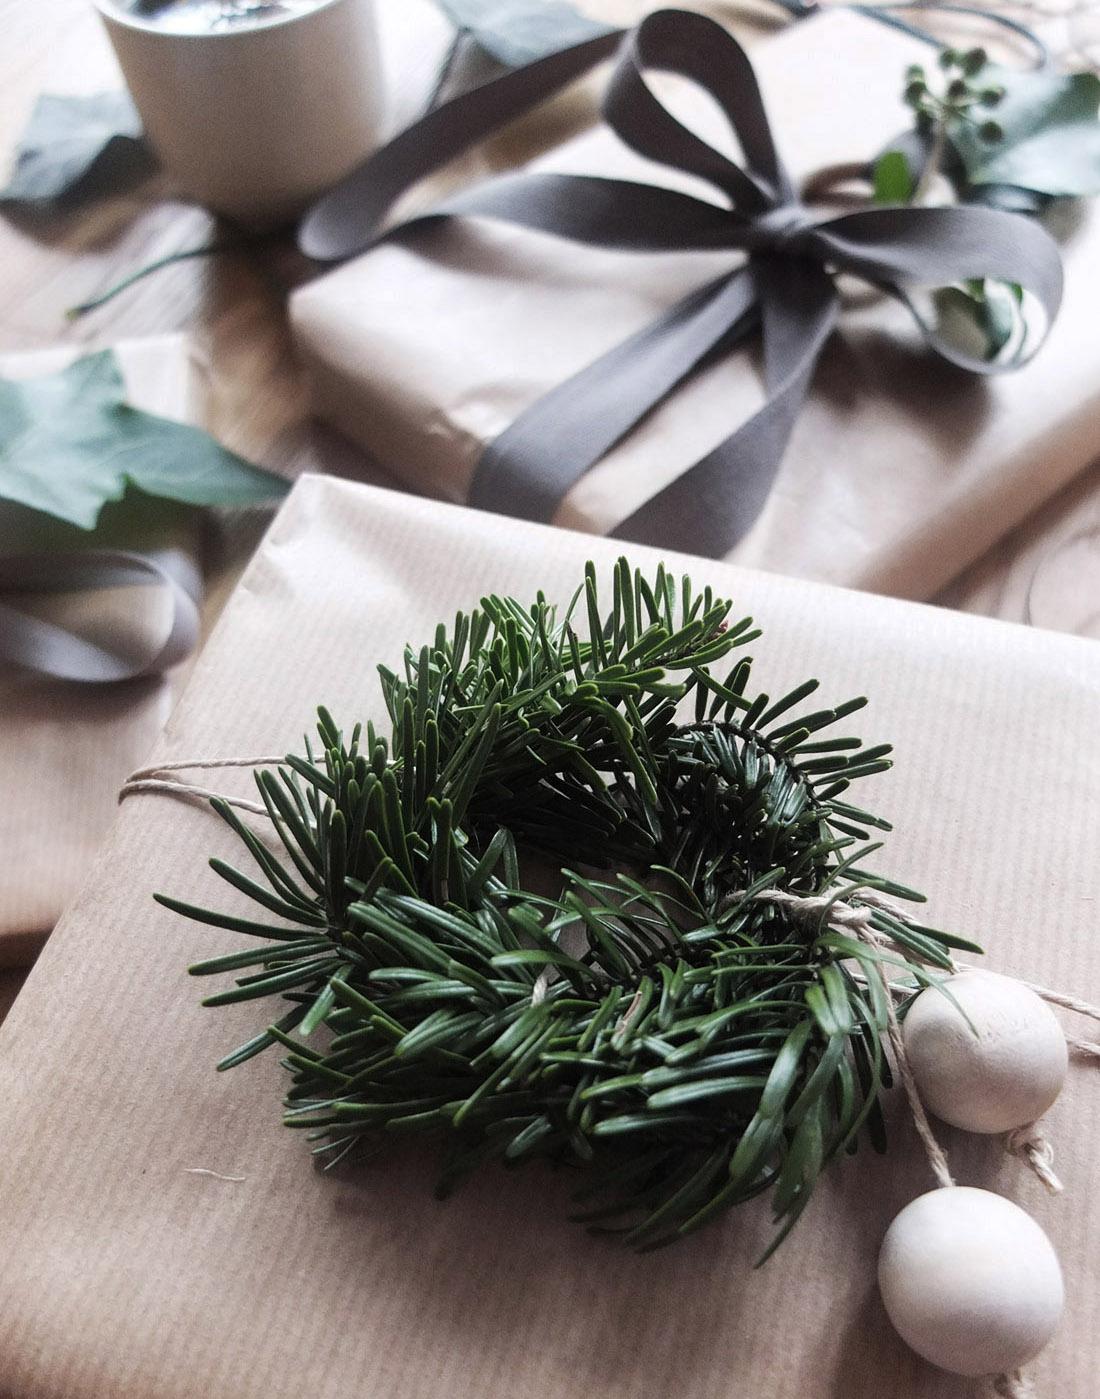 świąteczne dekoracje, prezenty